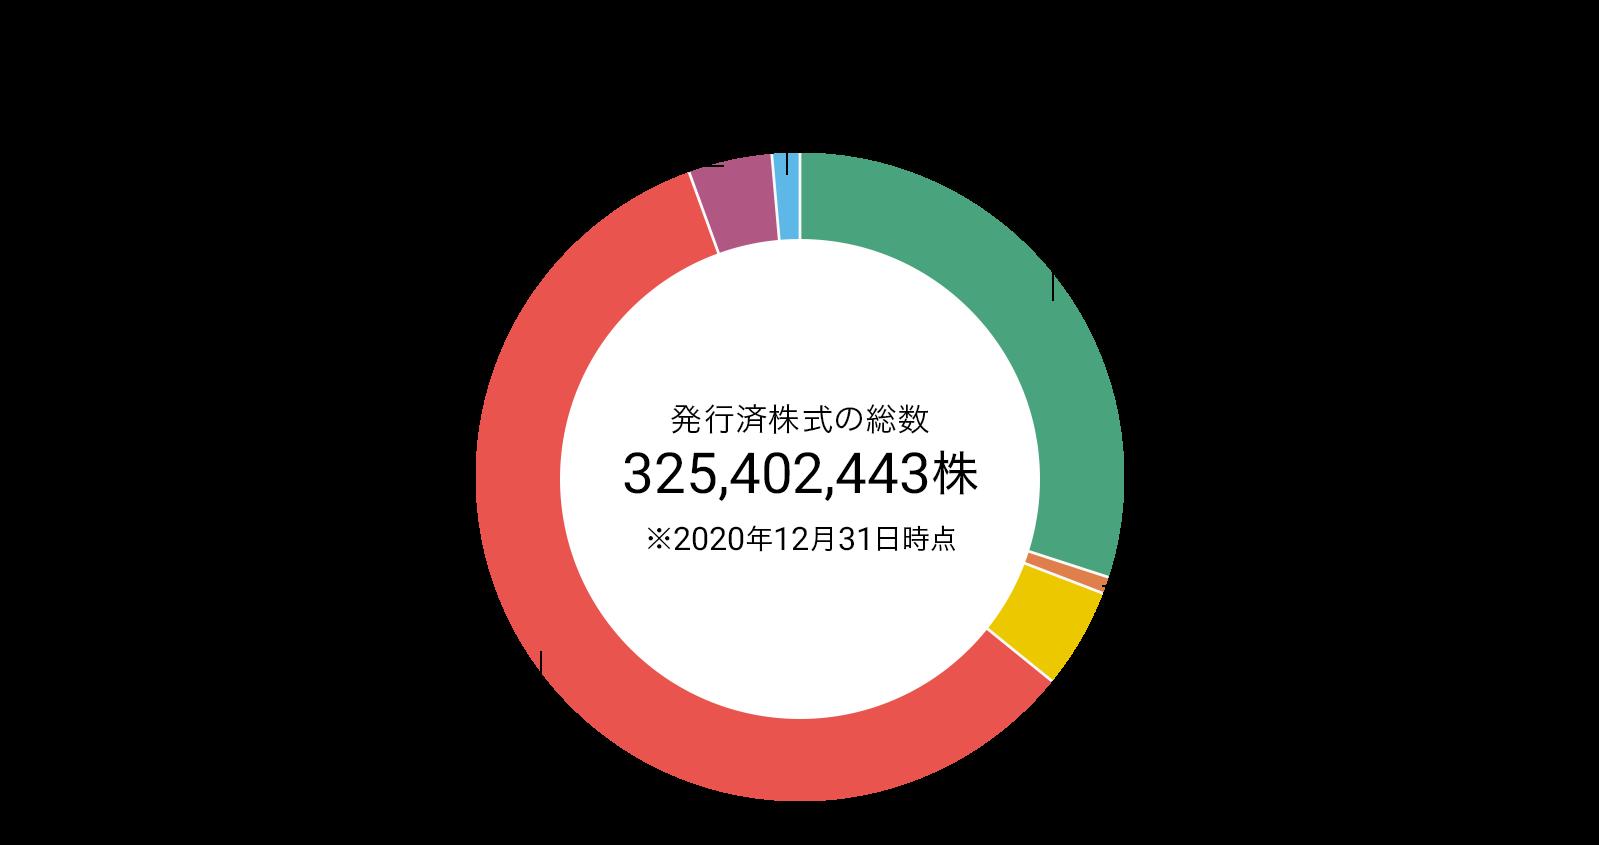 金融機関30.01%(97,653,699株)、金融商品取引業者0.84%(2,744,469株)、一般法人5.02%(16,339,169株)、外国法人等58.65%(190,859,022株)、個人・その他4.08%(13,286,553株)、自己名義株式1.39%(4,519,531株)